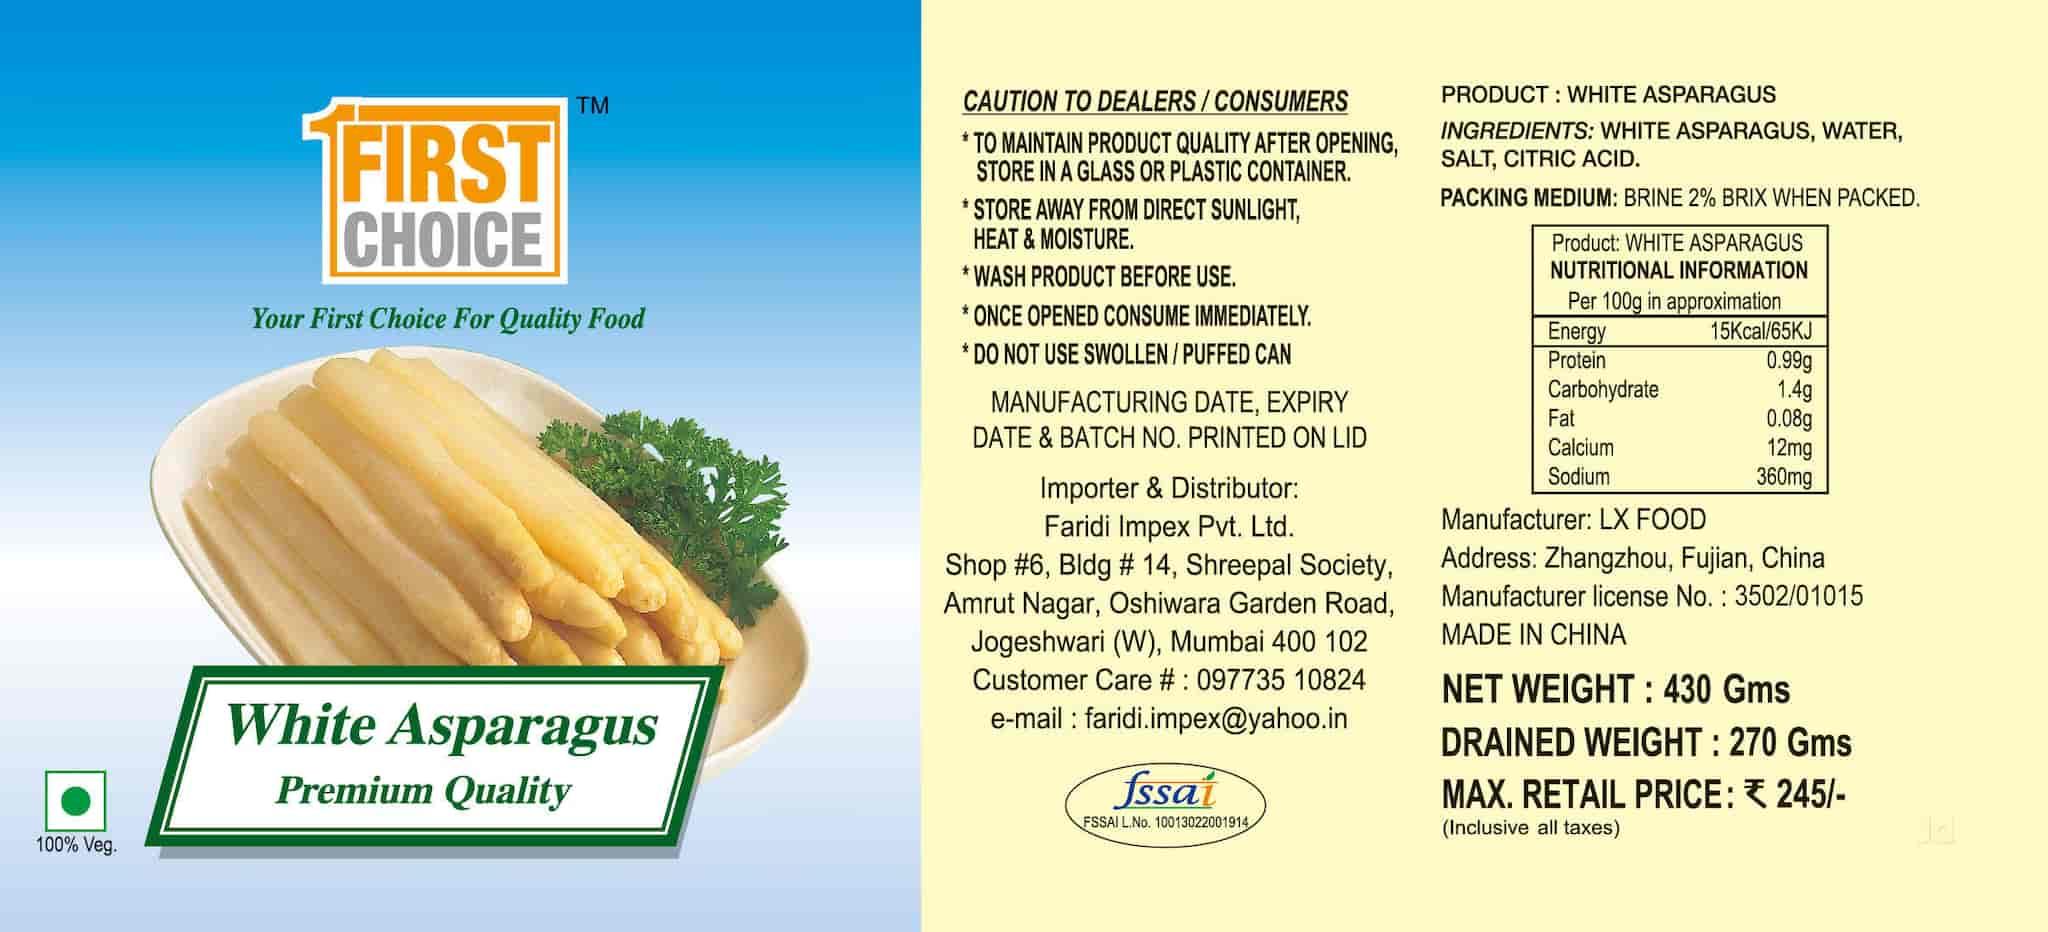 Faridi Impex Pvt Ltd, Jogeshwari West - FMCG Product